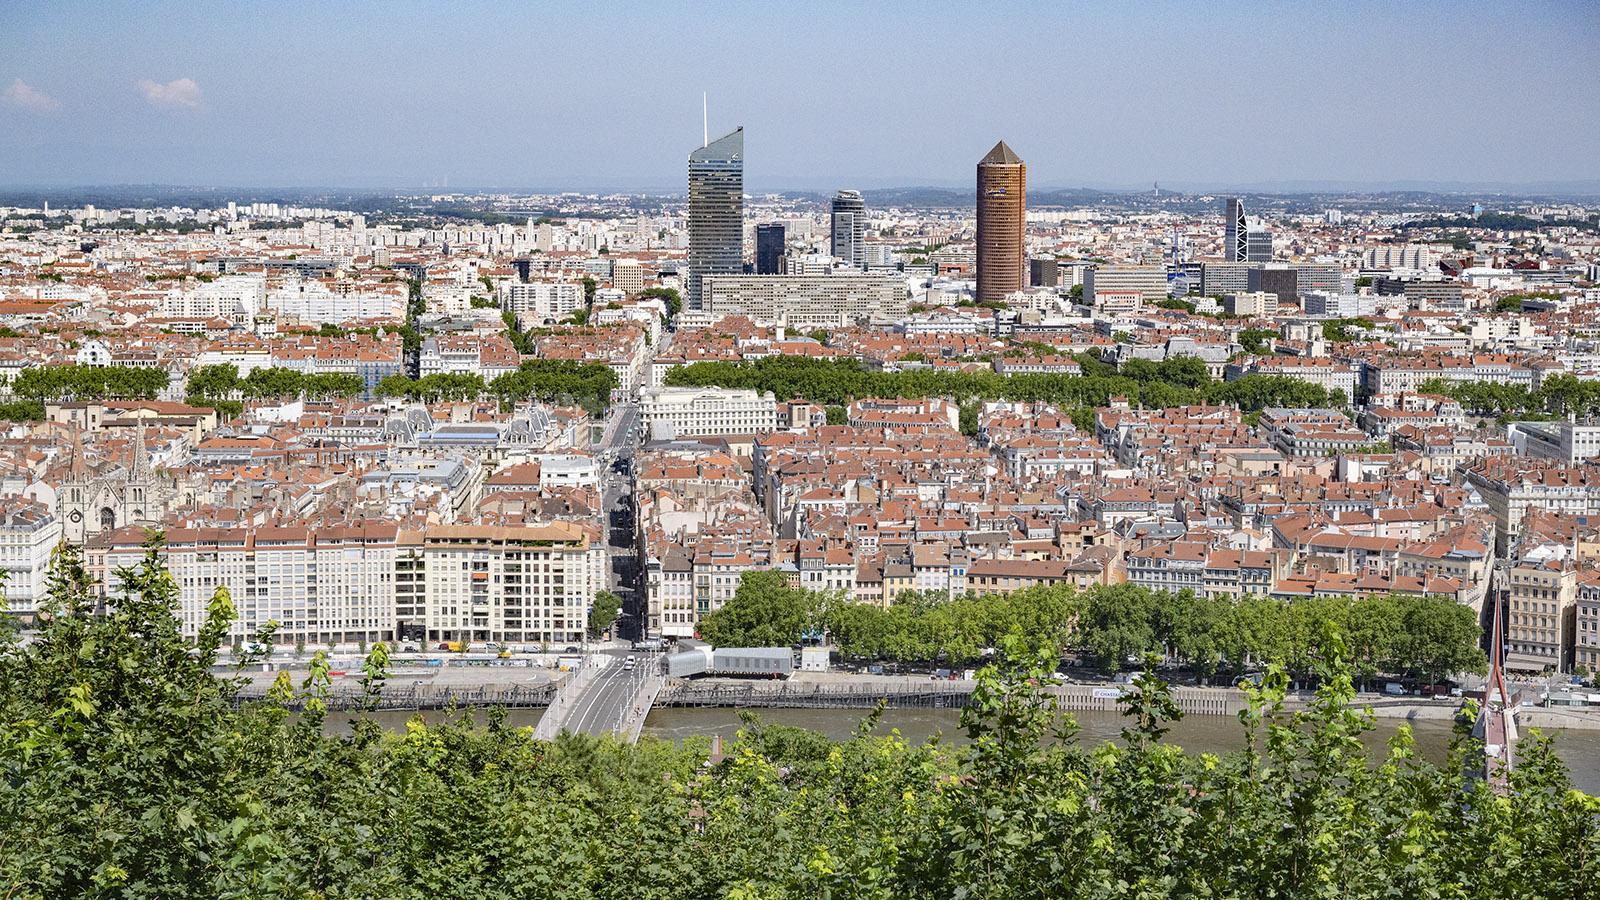 Der Blick auf Lyon vom Aussichtspunkt neben der Basilika Notre-Dame de Fourvière. Foto: Hilke Maunder